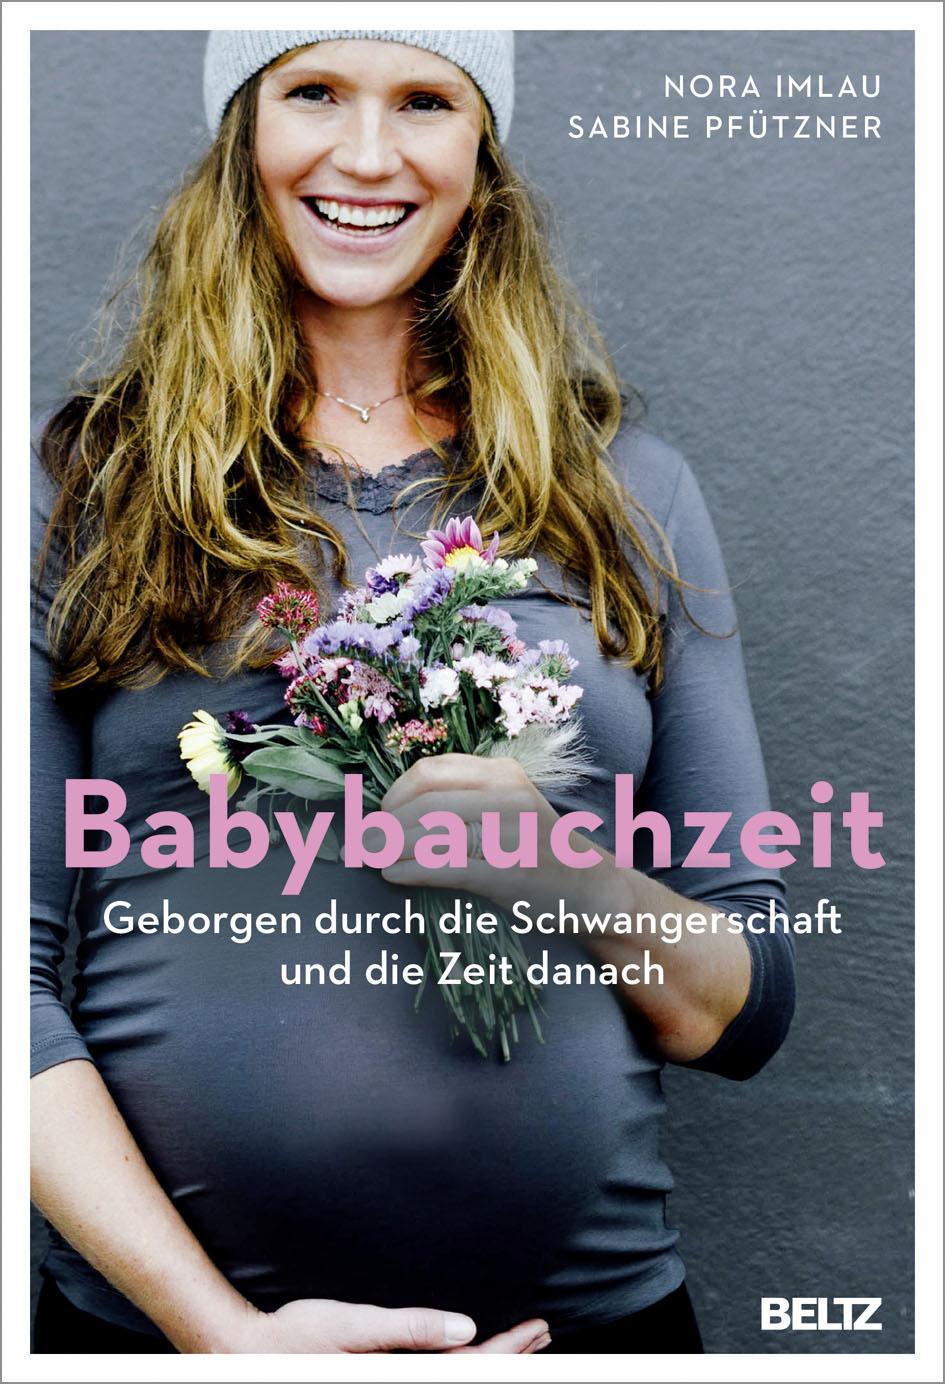 Babybauchzeit Geborgen Durch Die Schwangerschaft Und Die Zeit